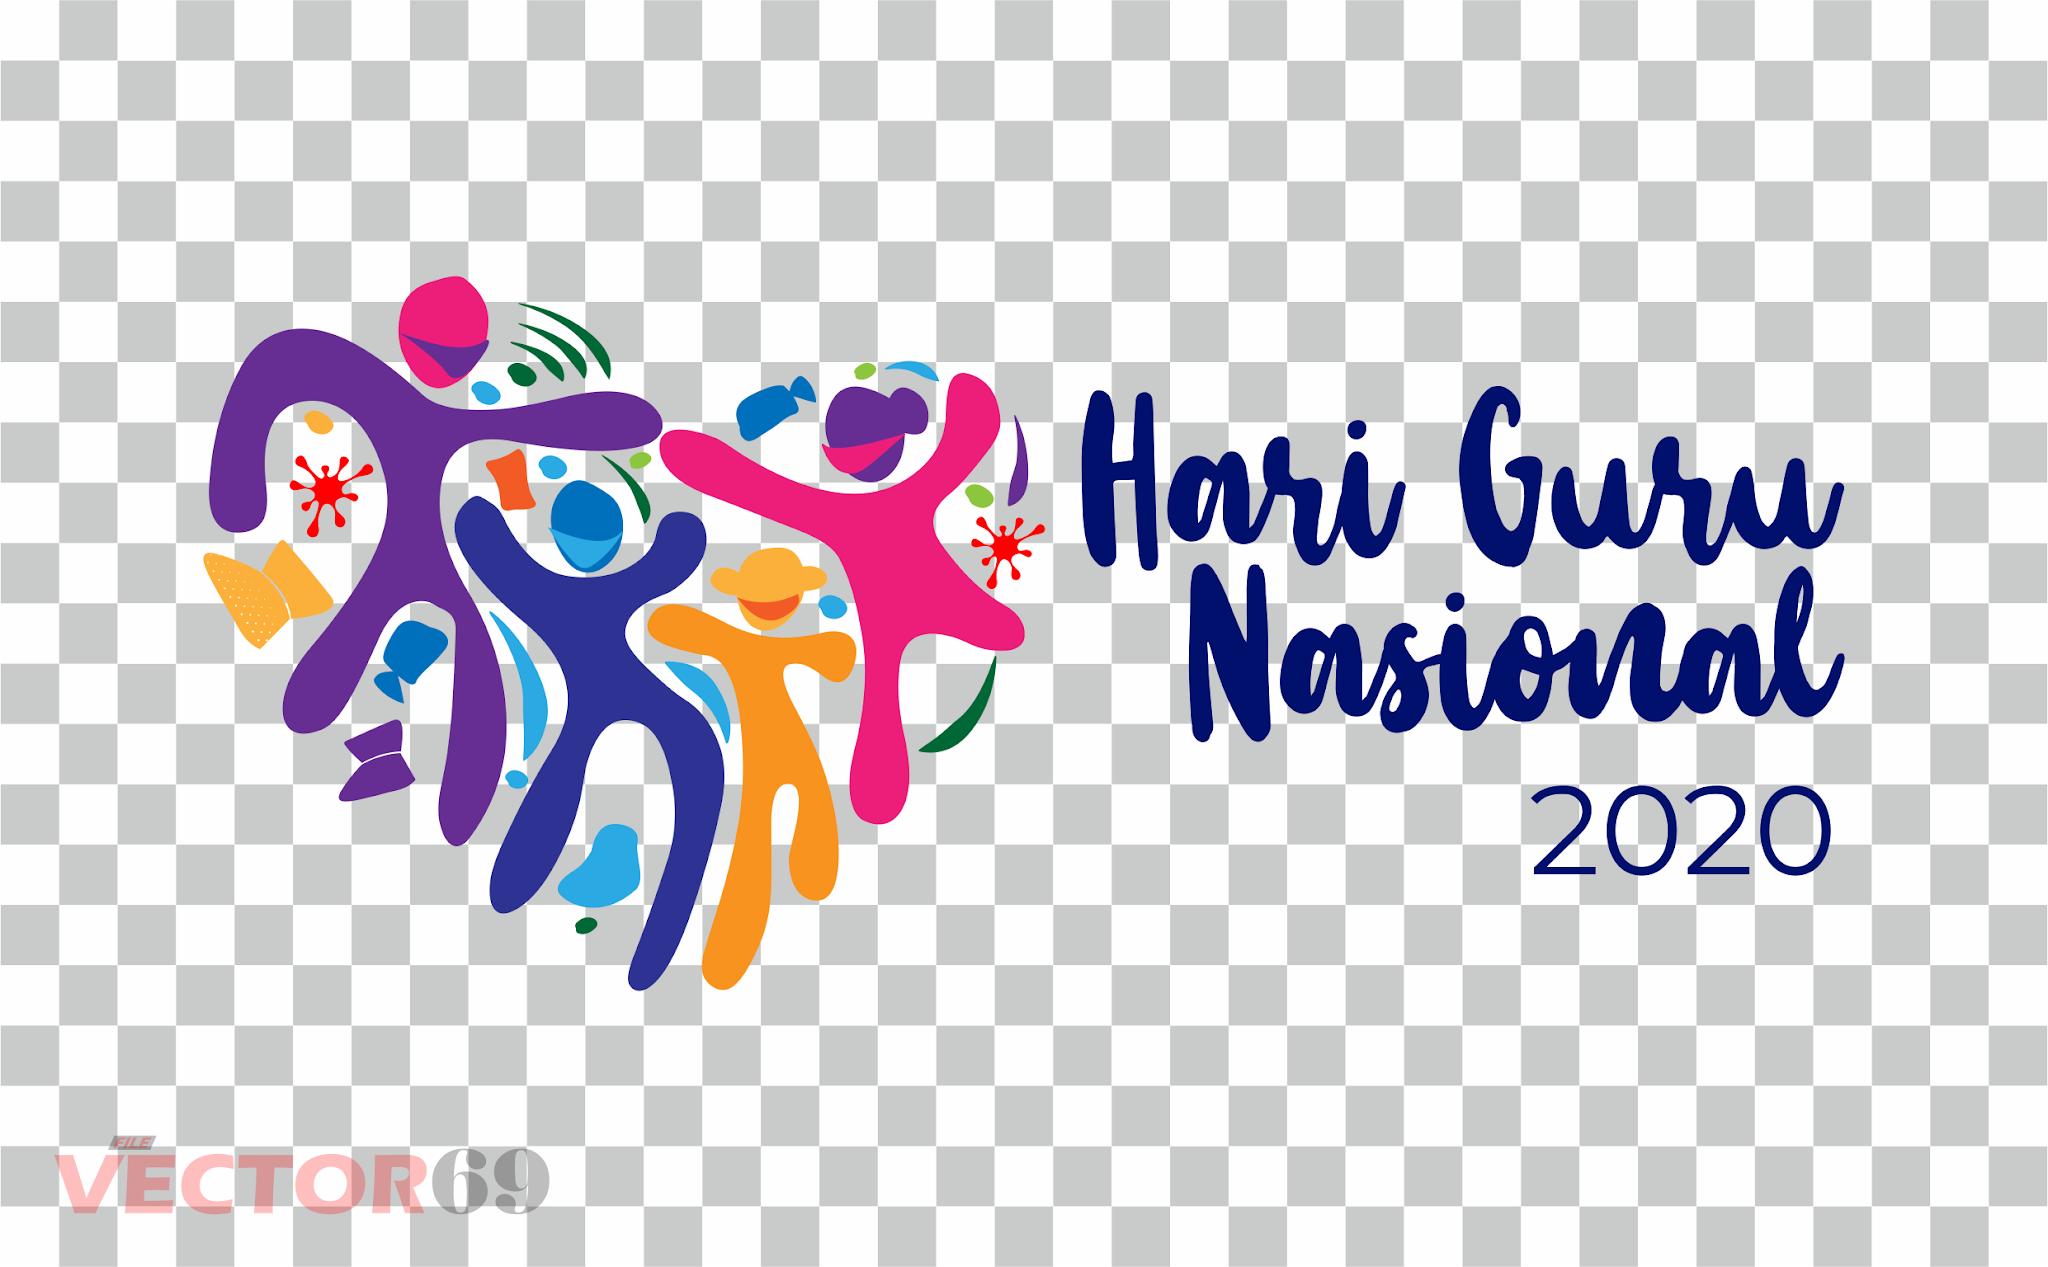 Hari Guru Nasional (HGN) 2020 Kemdikbud Logo - Download Vector File PNG (Portable Network Graphics)